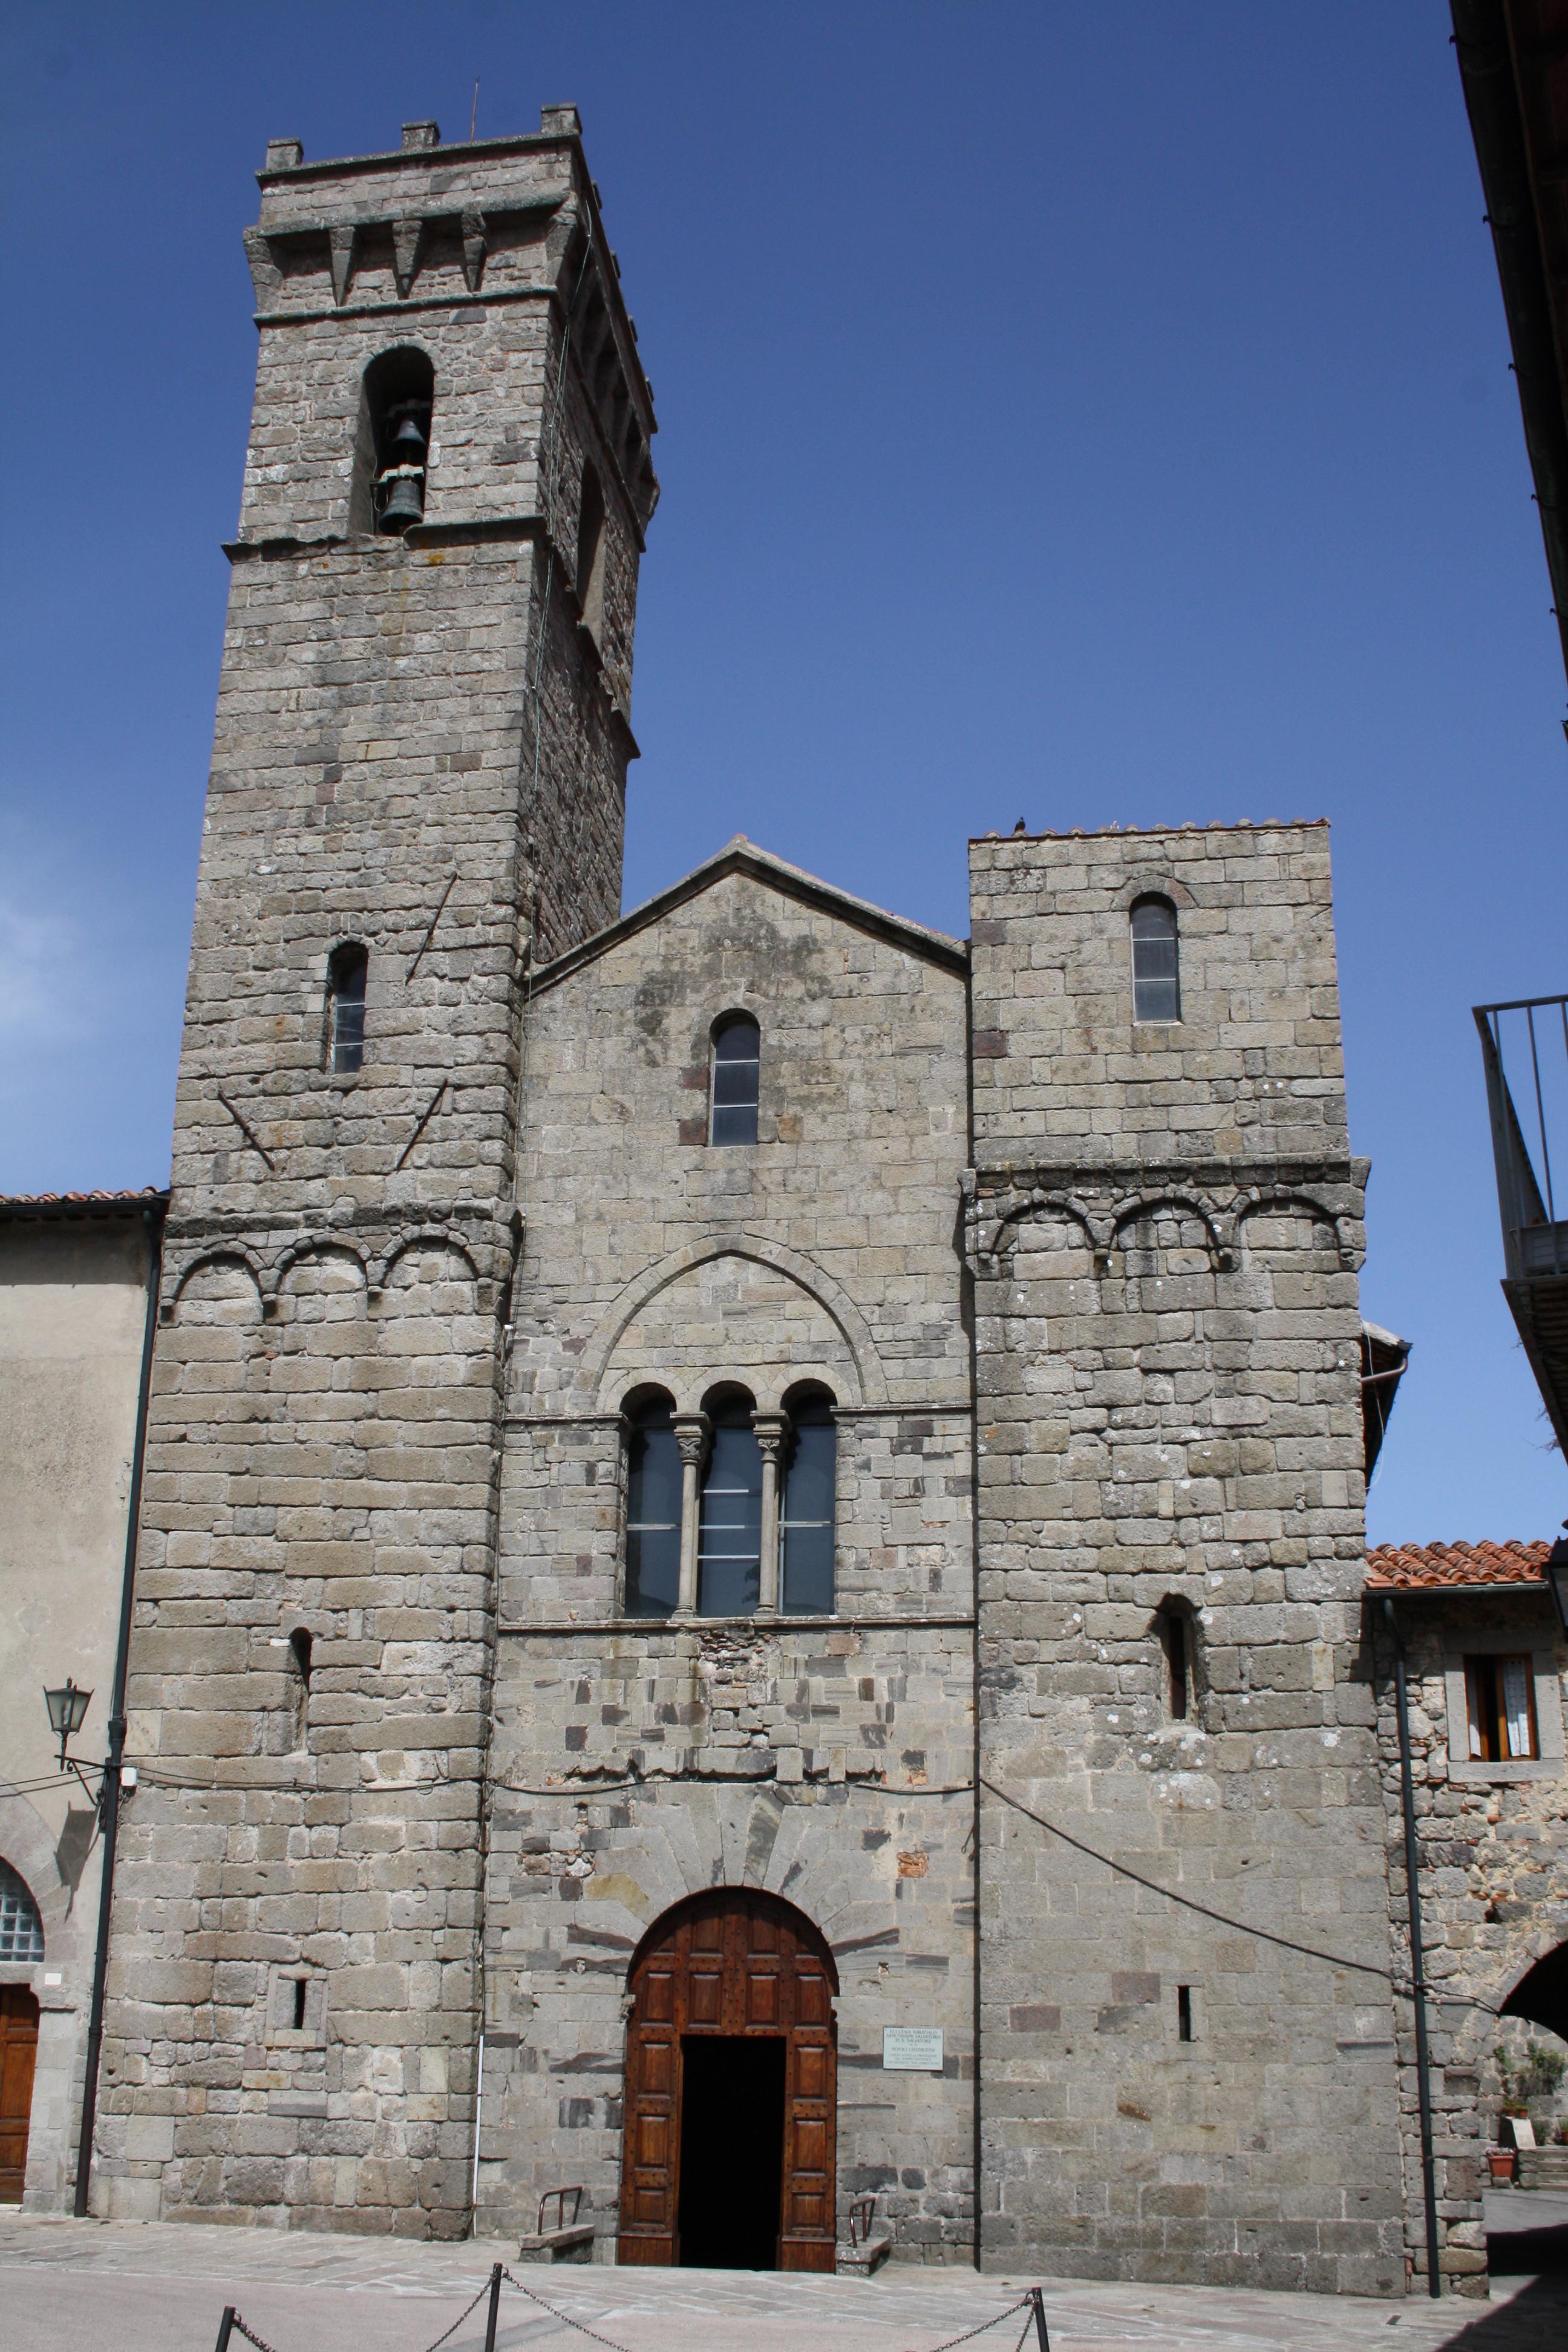 Abbadia San Salvatore, Abbazia San Salvatore di Monte Amiata